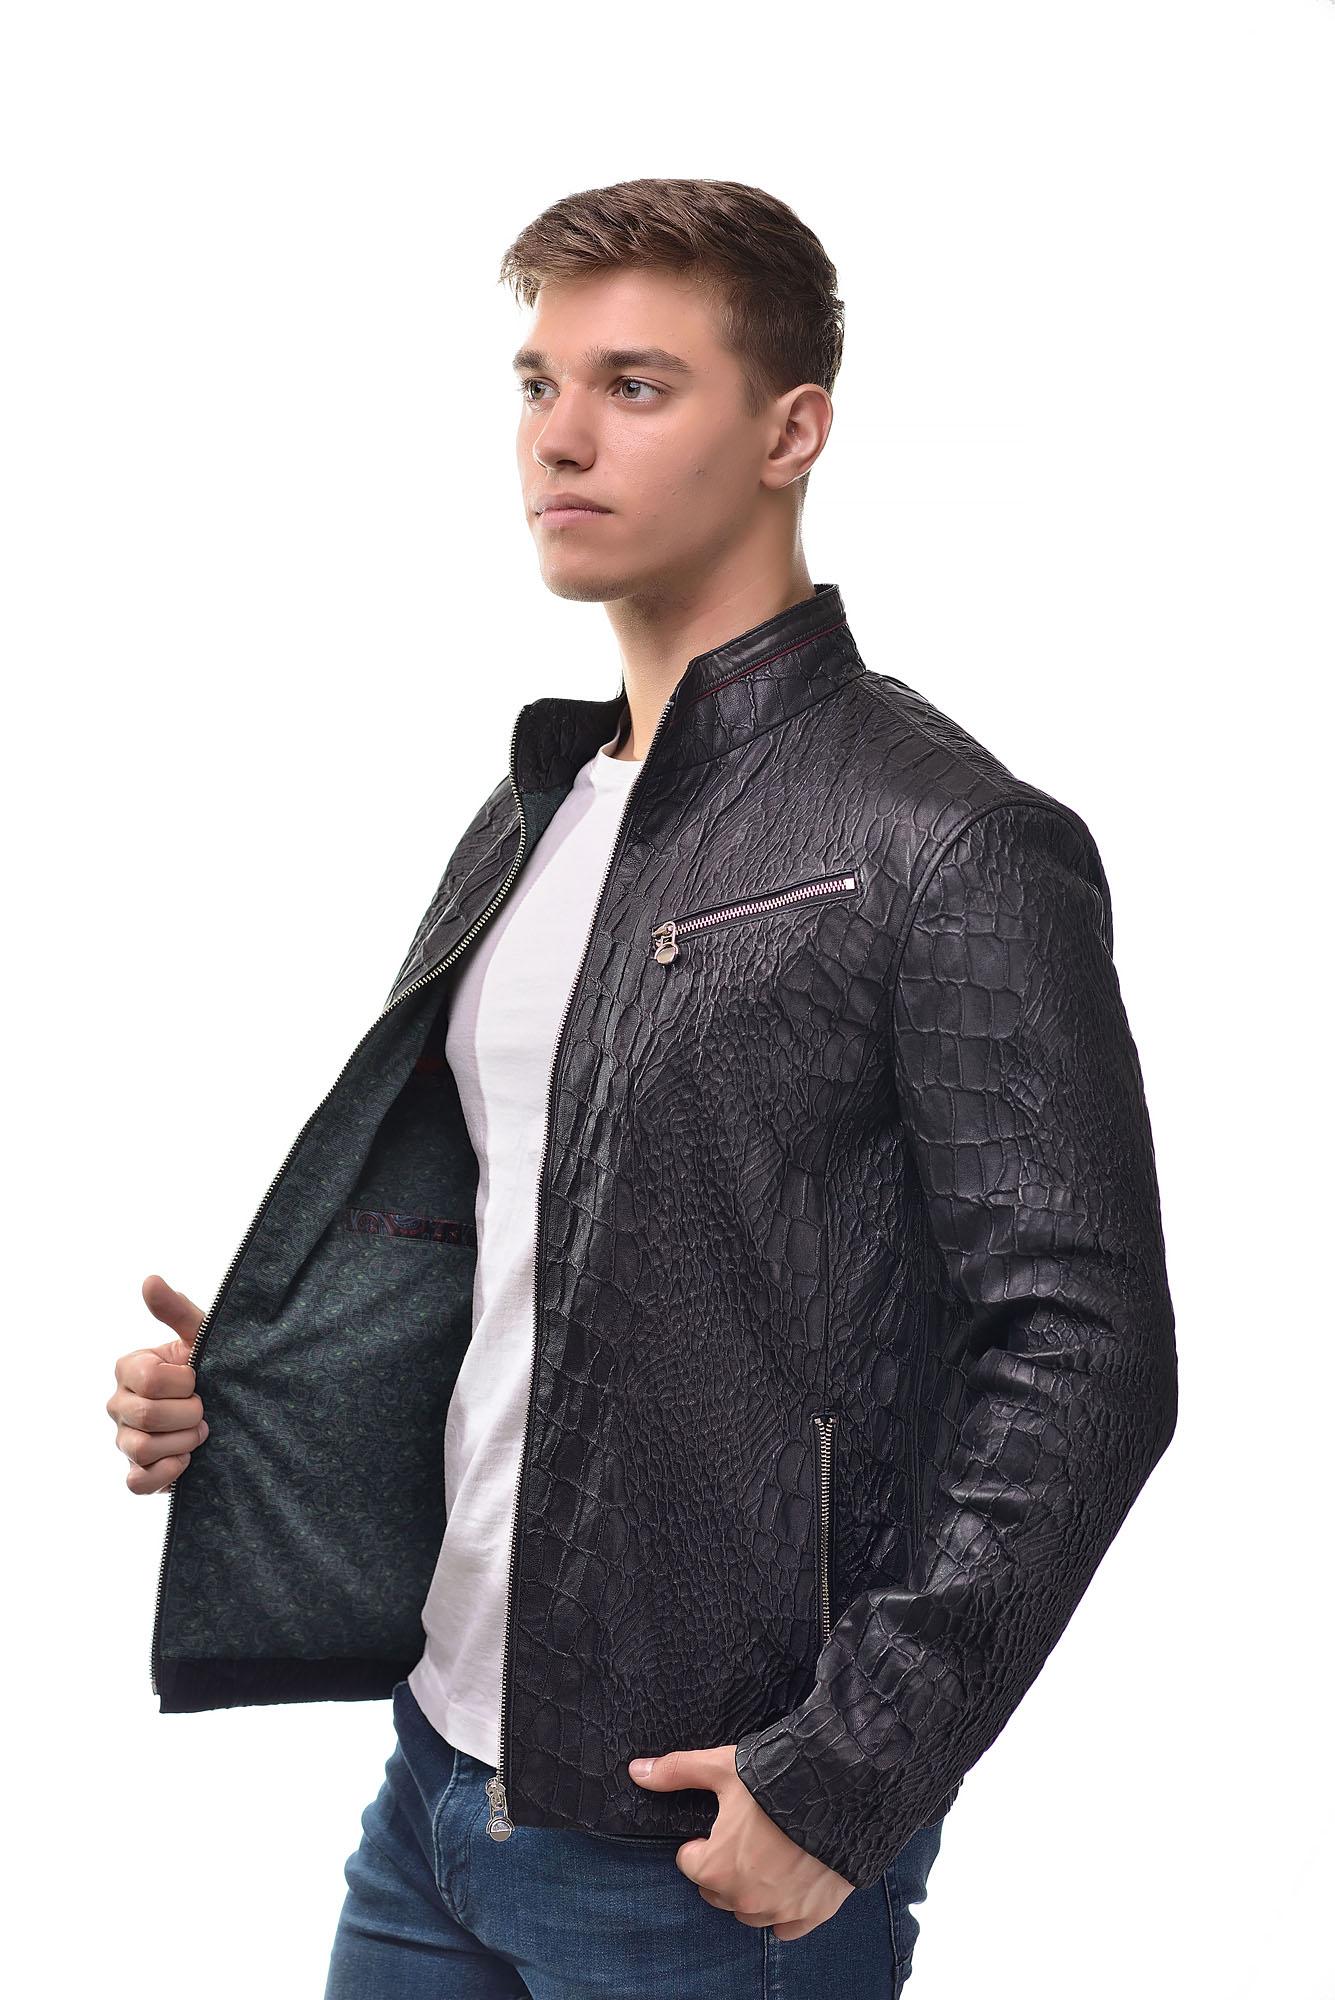 Мужская Кожаная курткаKE-103(Черный)